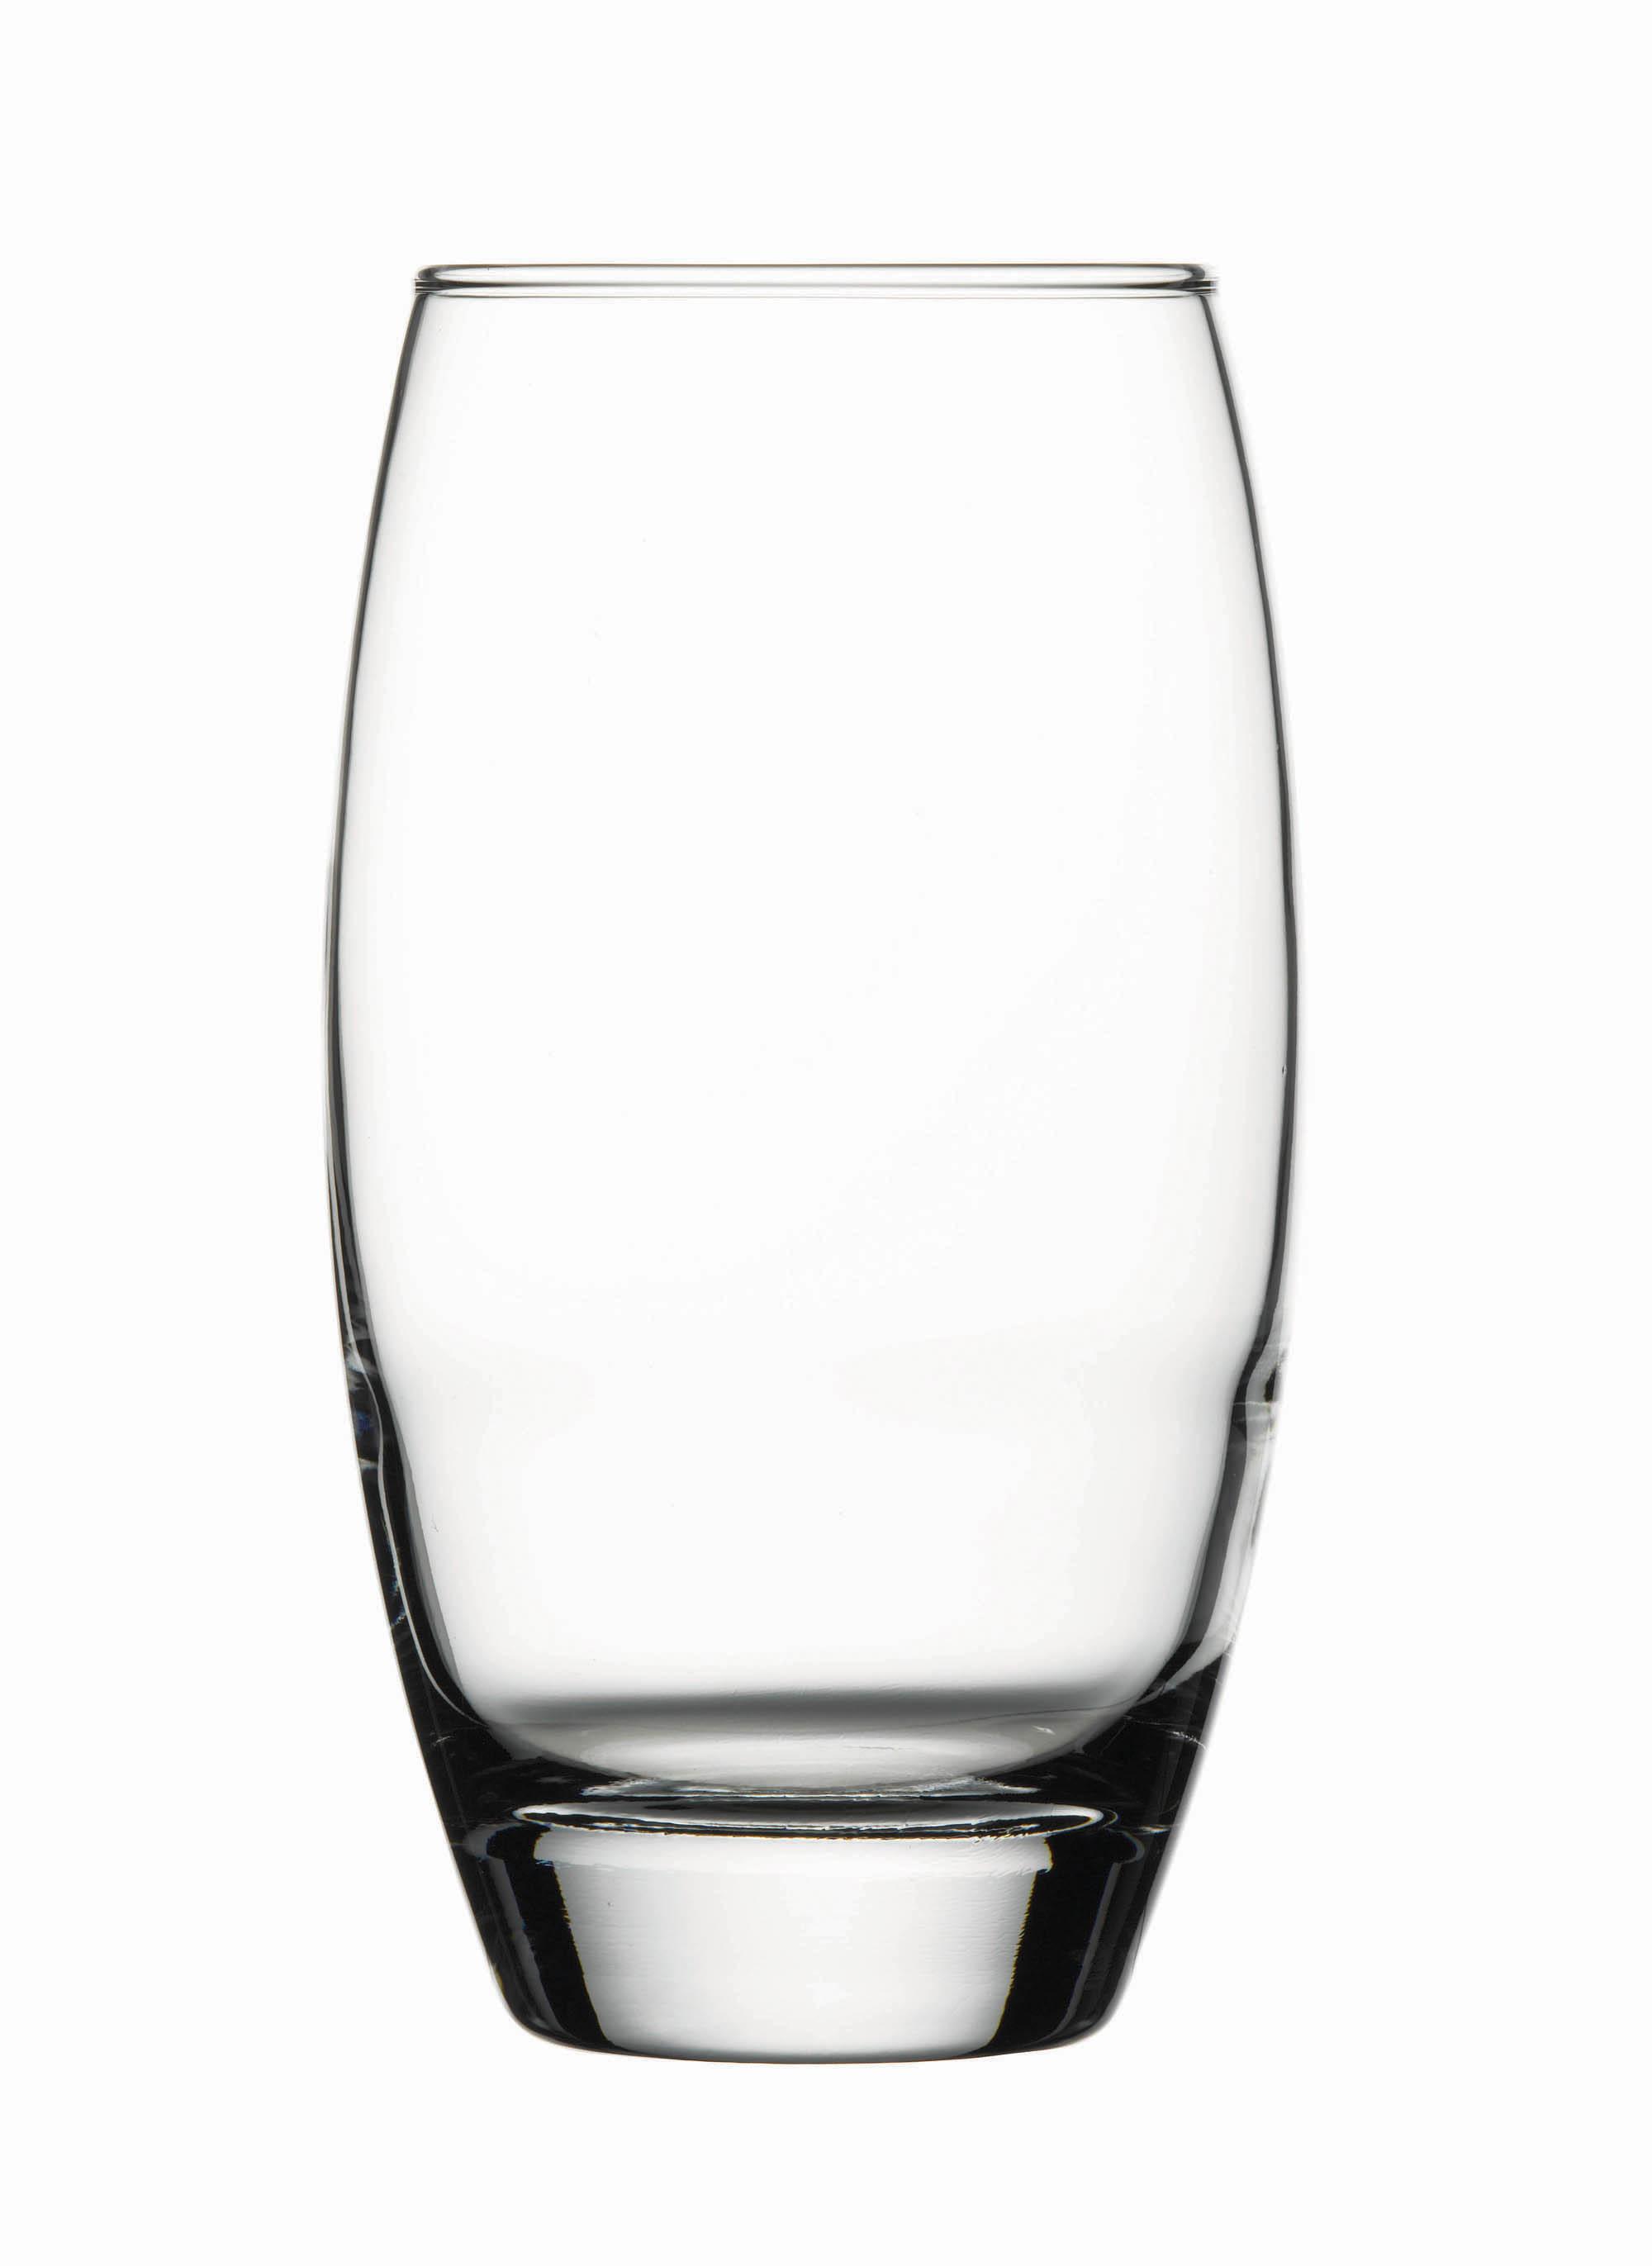 Barrel Long Glass 500 ml - 6 Pcs